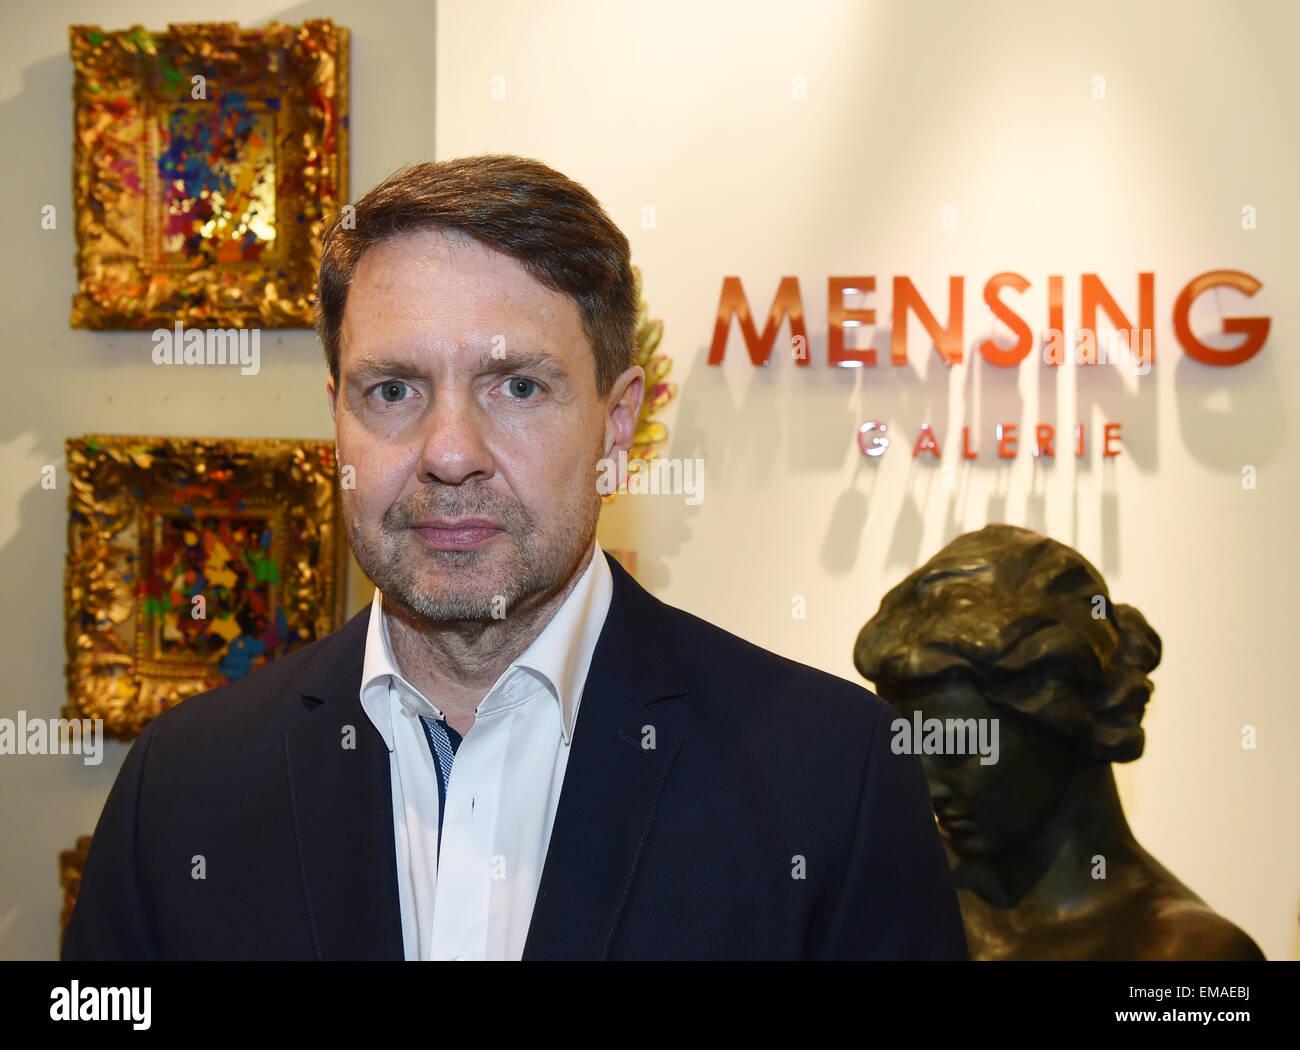 Mensing Galerie gallery owner harry mensing poses in his gallery galerie mensing in